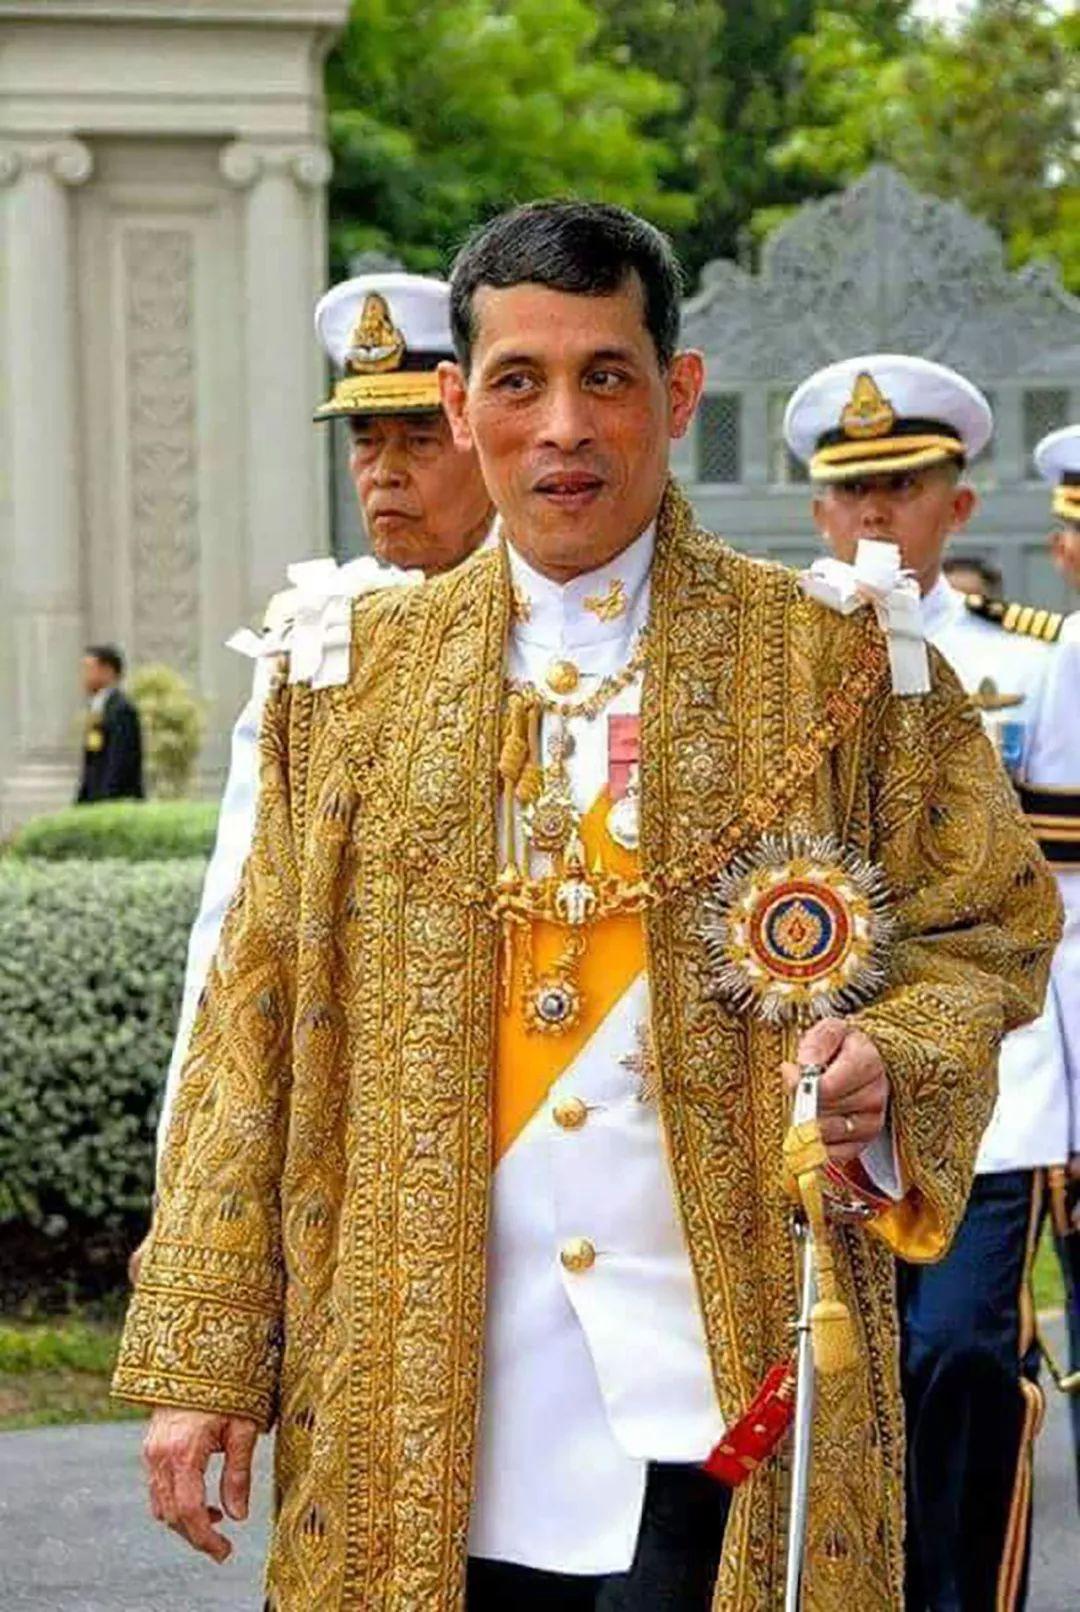 泰国国王和两位娇妻极少露面,但凡出现总是在同一天,究竟为何?